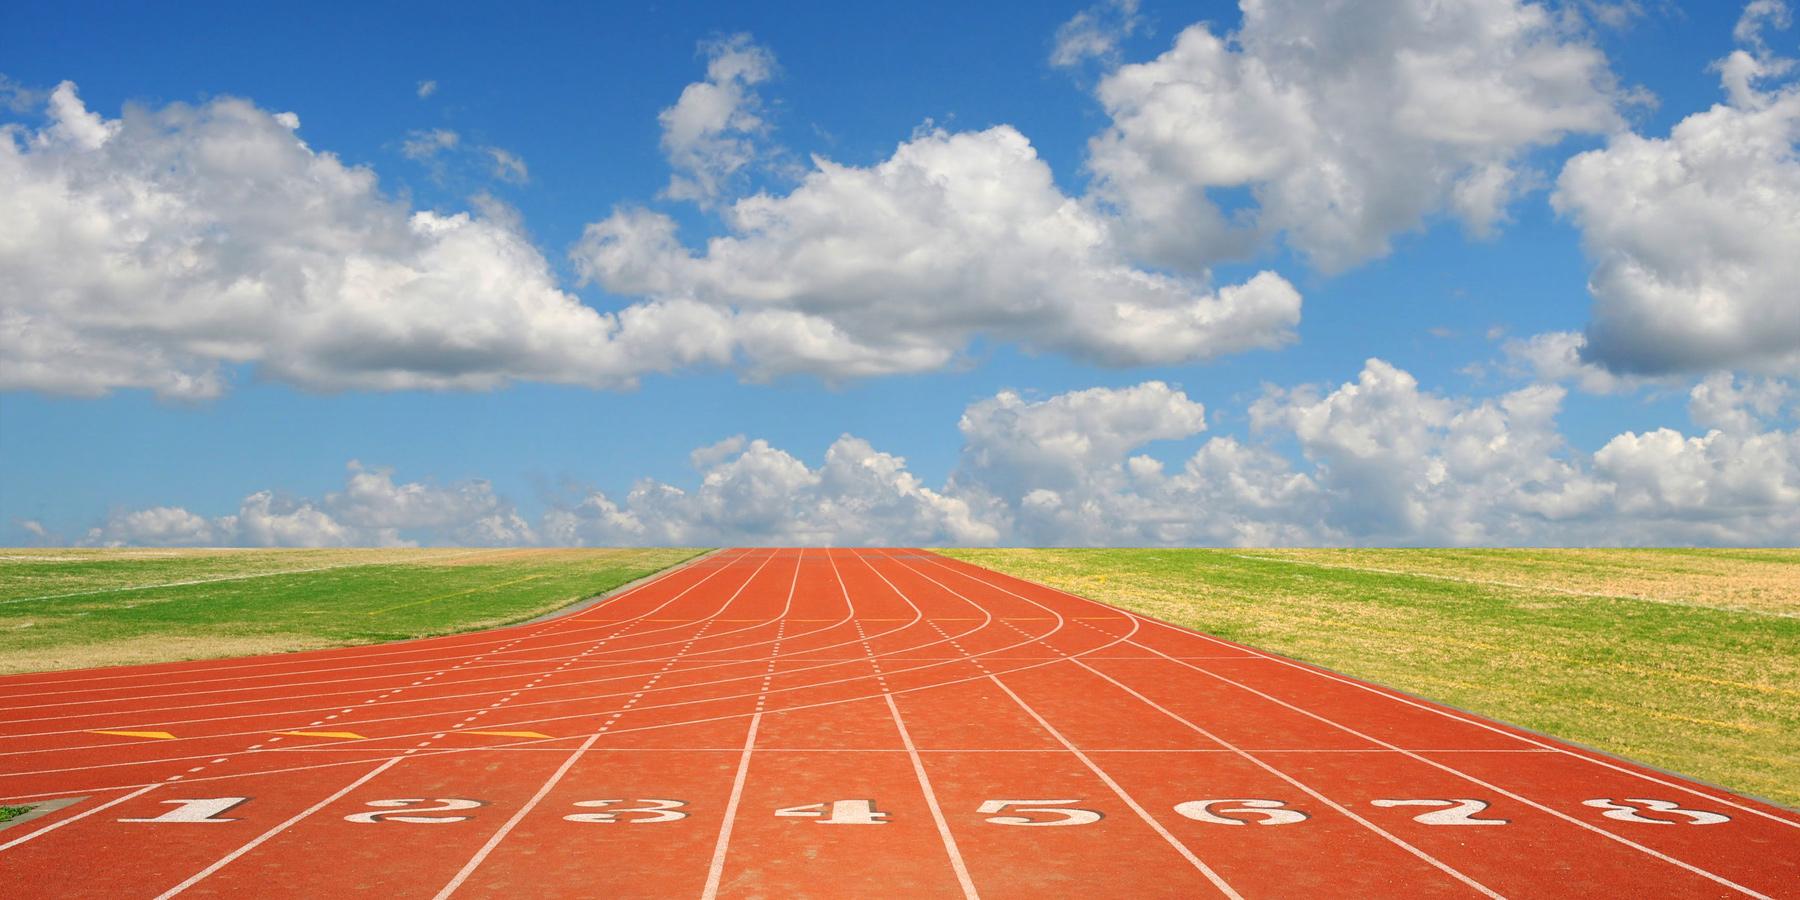 Track And Field Wallpaper - WallpaperSafari